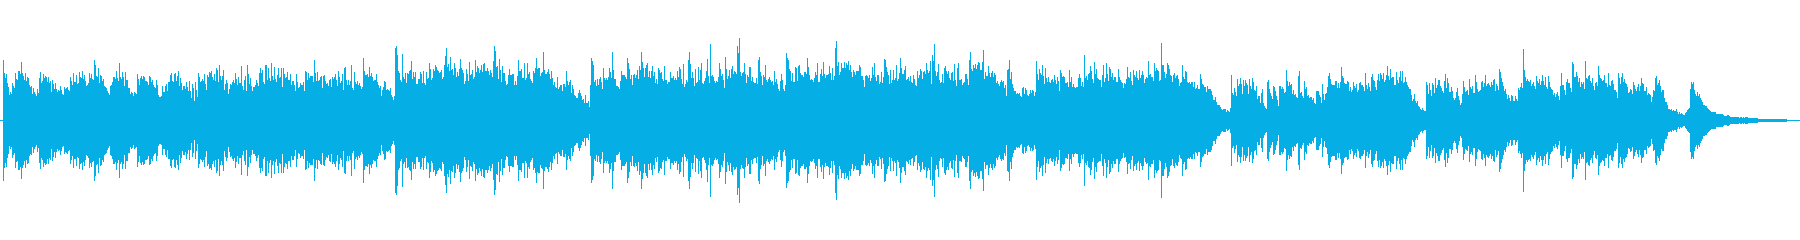 モダン 交響曲 室内楽 アクティブ...の再生済みの波形